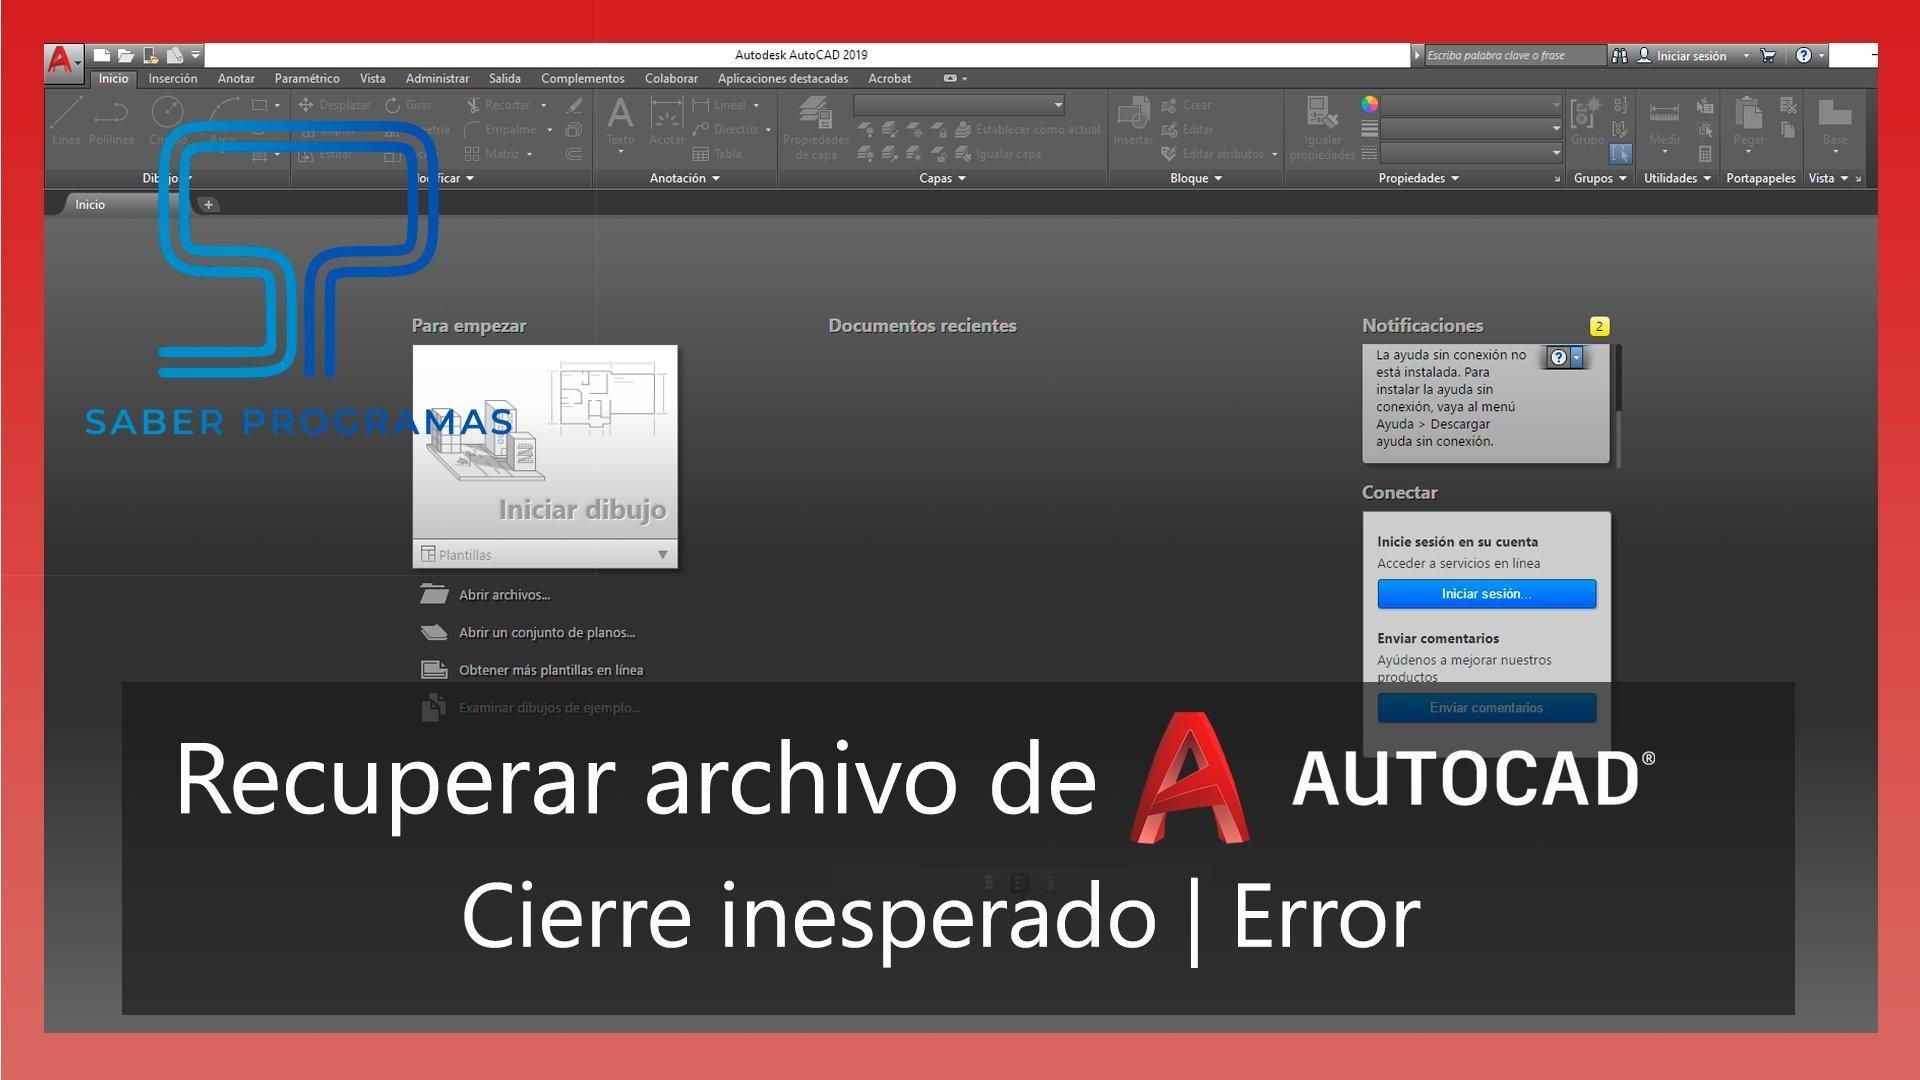 Recuperar archivos de Autocad